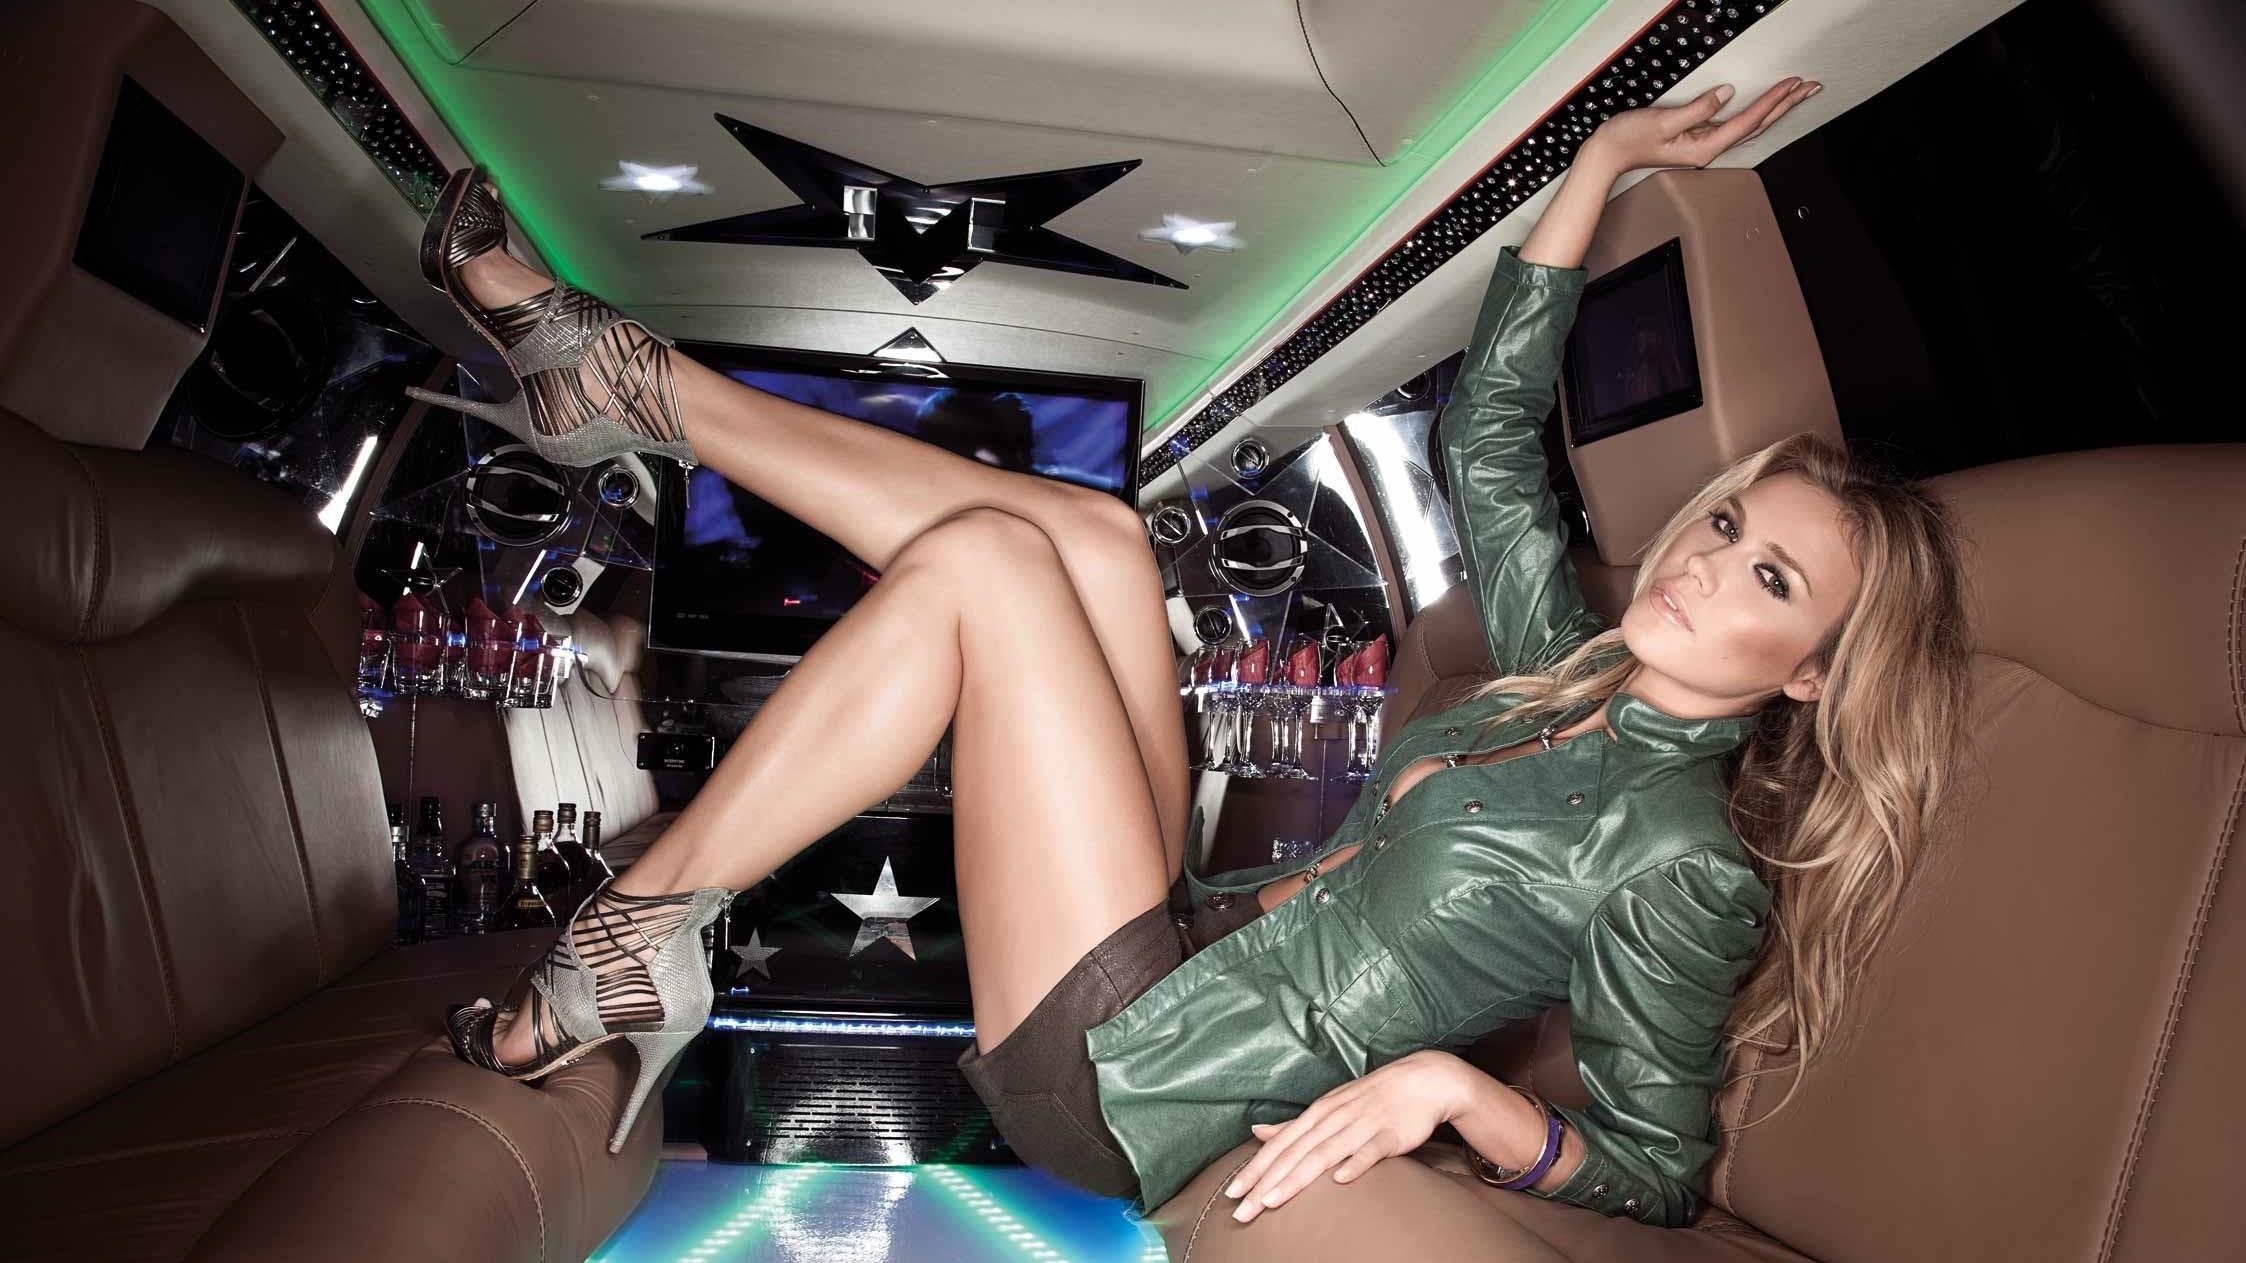 Девушки в чулках в лимузине, оргии бразилии групповуха